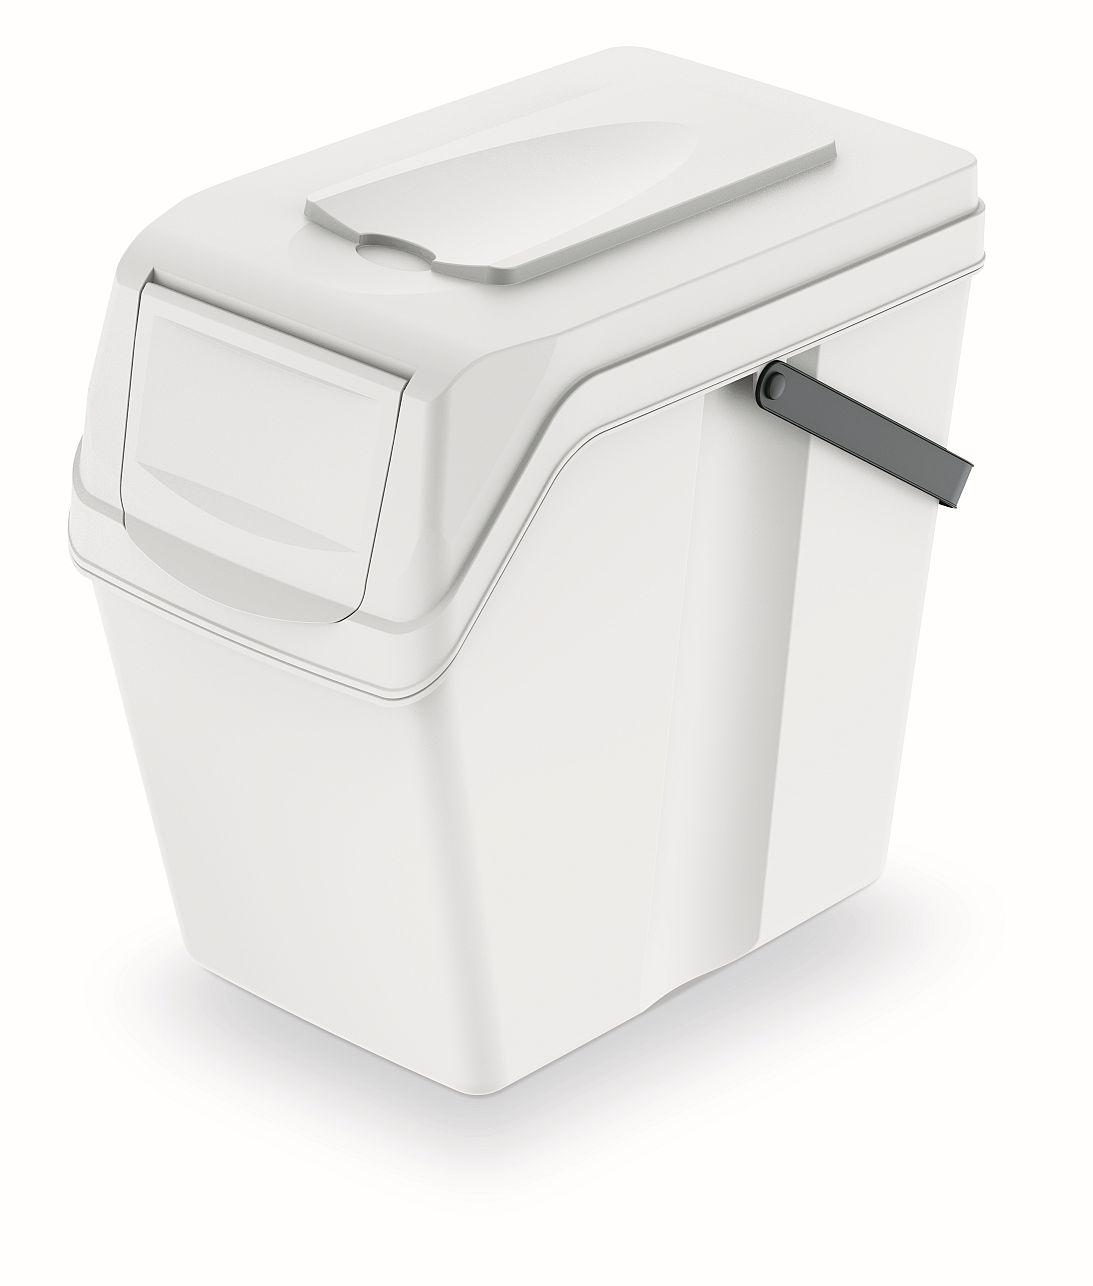 PROSPERPLAST Odpadkový koš SORTIBOX II bílý, objem 25L